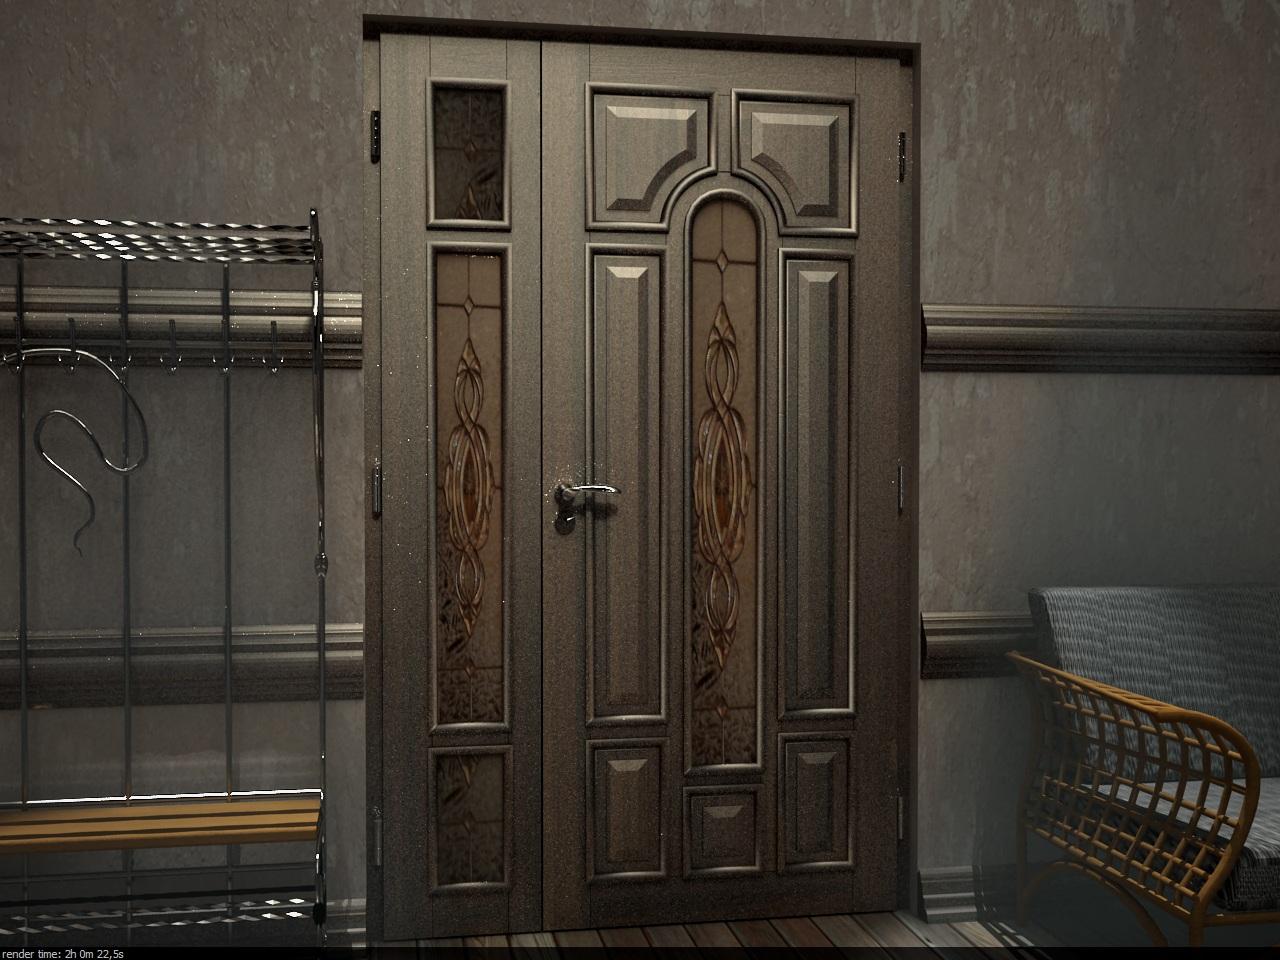 Портална врата, прозоречен тип, декорирана с витражи, с активно и пасивно крило, което се отваря при необходимост